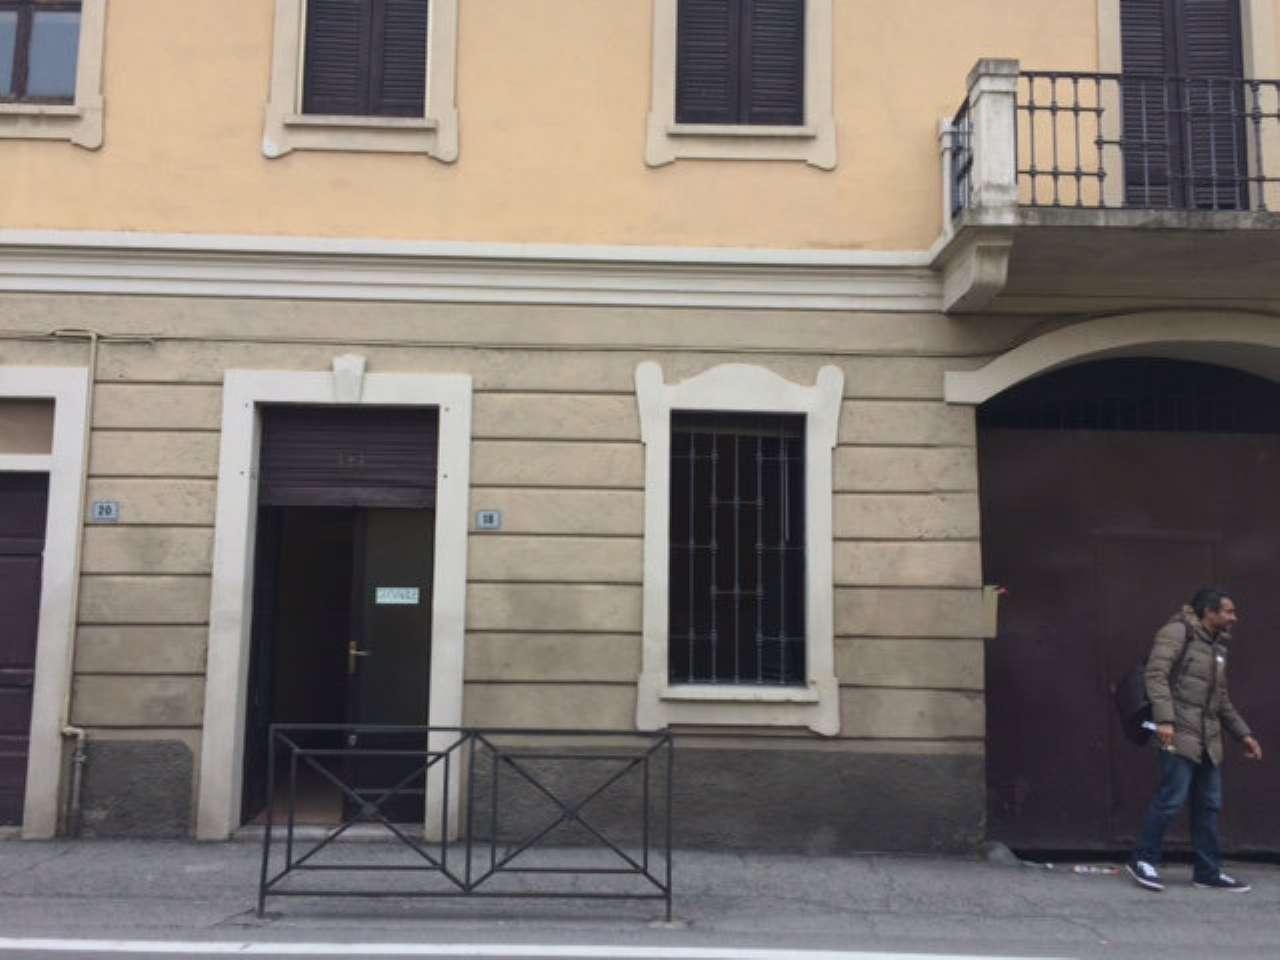 Negozio / Locale in affitto a Melegnano, 1 locali, prezzo € 380 | CambioCasa.it